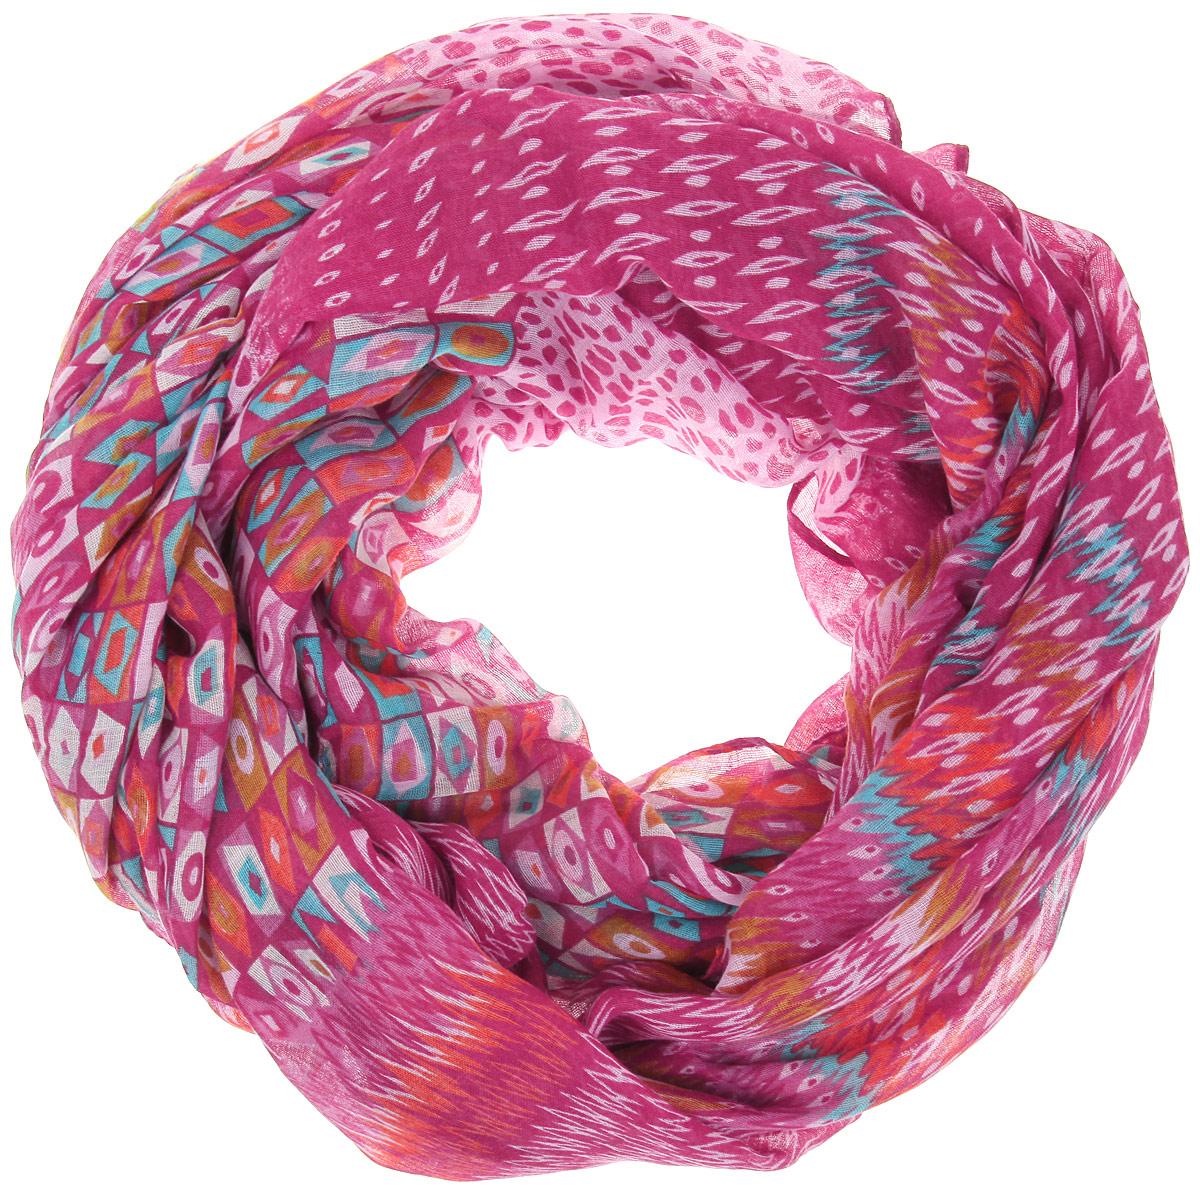 Палантин Sophie Ramage, цвет: розовый, оранжевый, бирюзовый. SJ-21412-14. Размер 110 см х 180 смSJ-21412-14Палантин Sophie Ramage позволит вам создать неповторимый и запоминающийся образ. Благодаря своему составу, в который входит вискоза с добавлением шерсти, он теплый, мягкий, имеет приятную на ощупь текстуру. Модель оформлена оригинальным орнаментом. Такой аксессуар станет стильным дополнением к гардеробу современной женщины, а также подаритощущение комфорта, тепла и уюта в прохладную погоду.